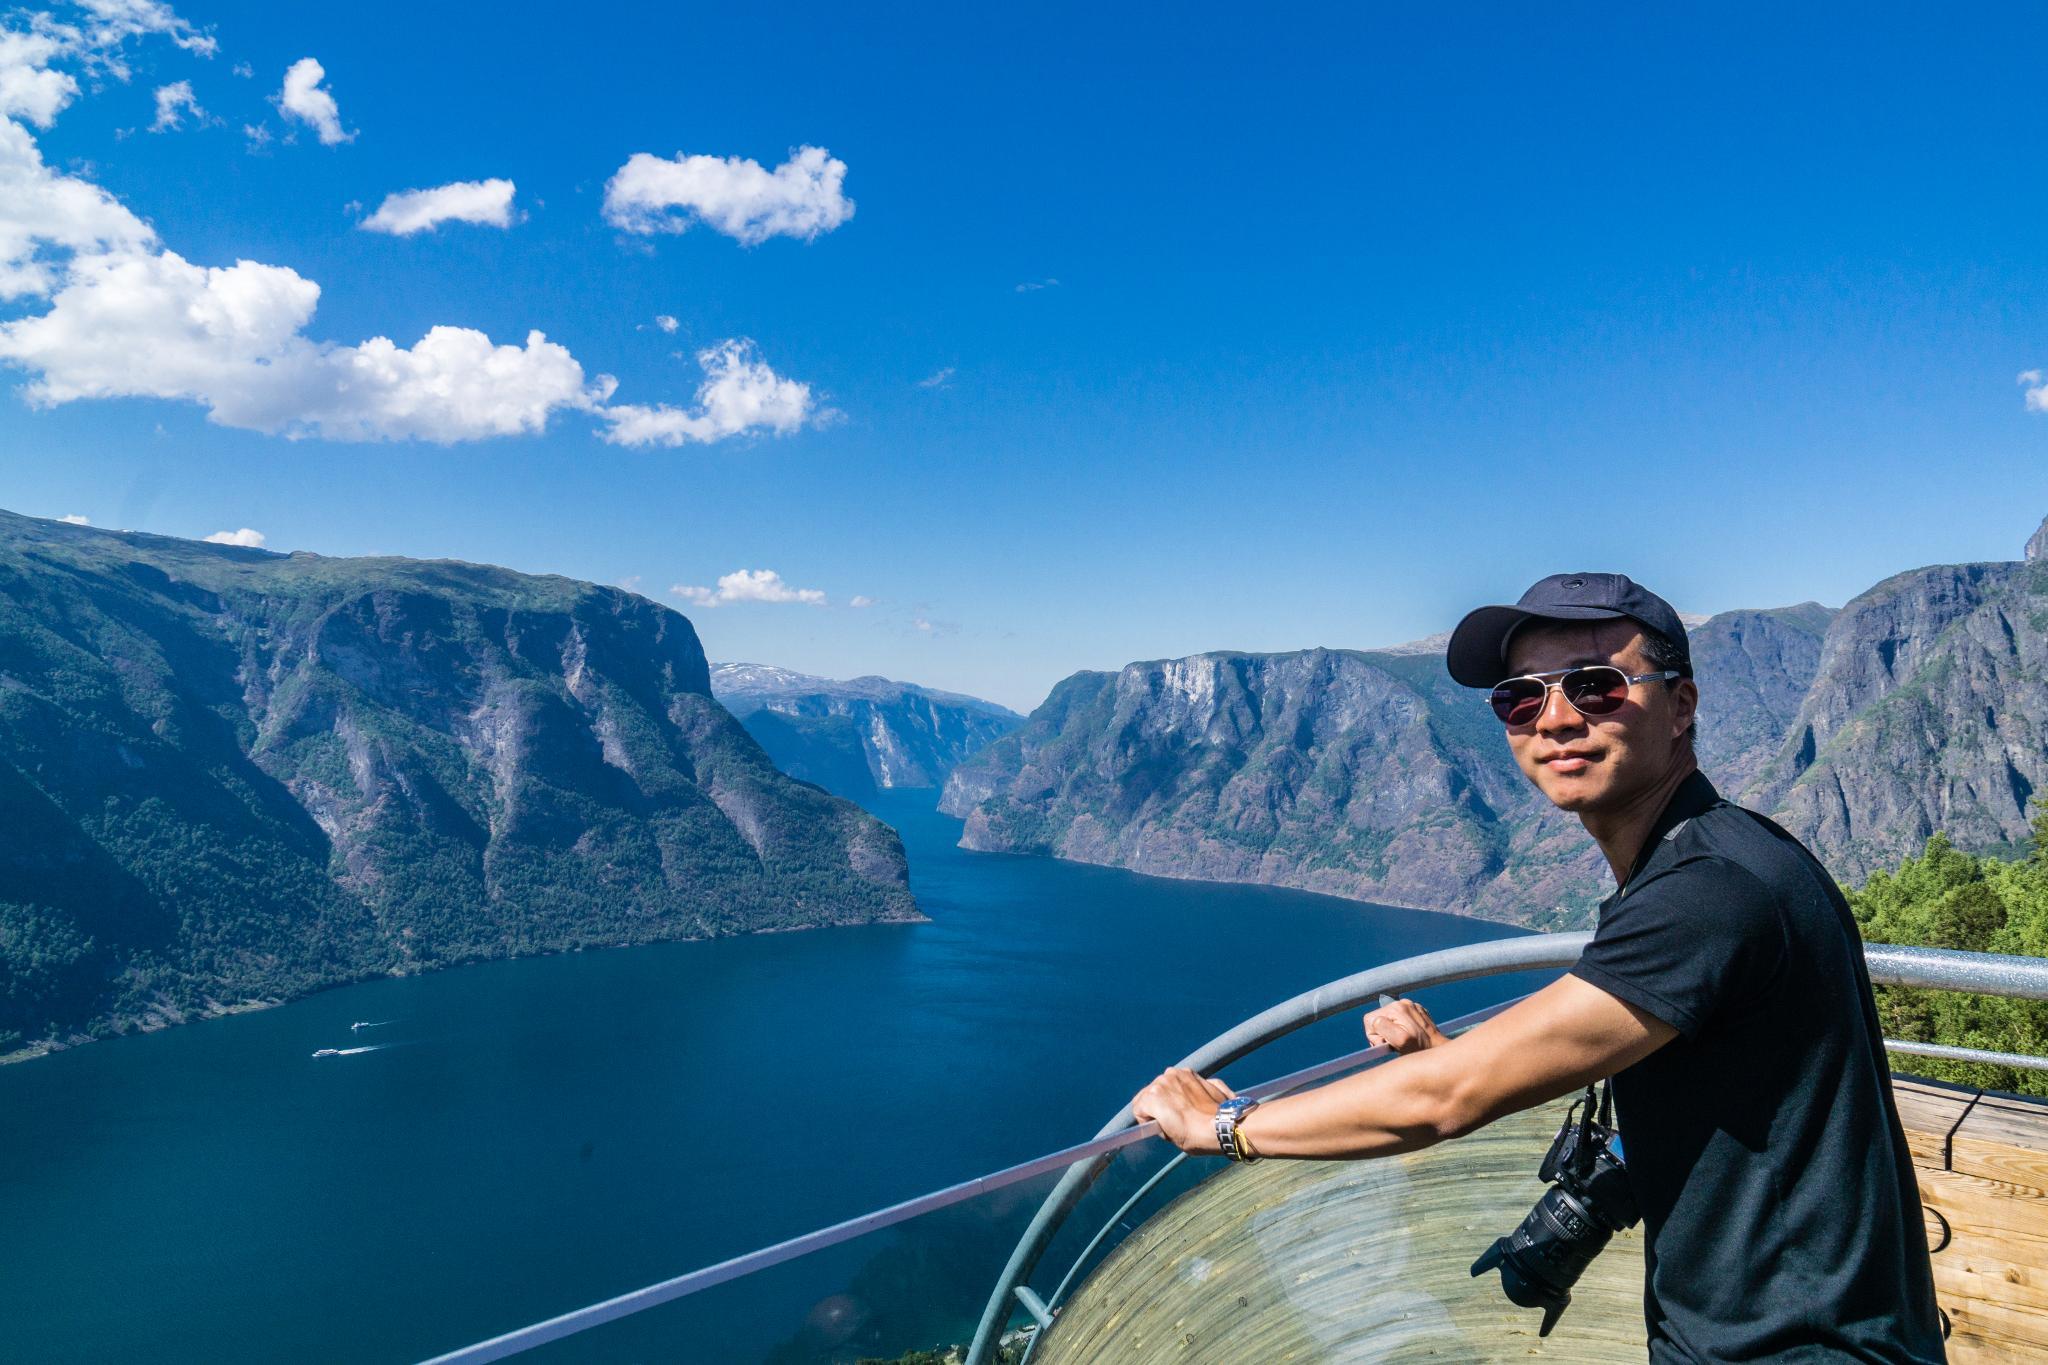 【北歐景點】世界最美景觀公路 - 俯瞰挪威松恩峽灣的 Fv243 雪之路 (Aurlandsfjellet) 31